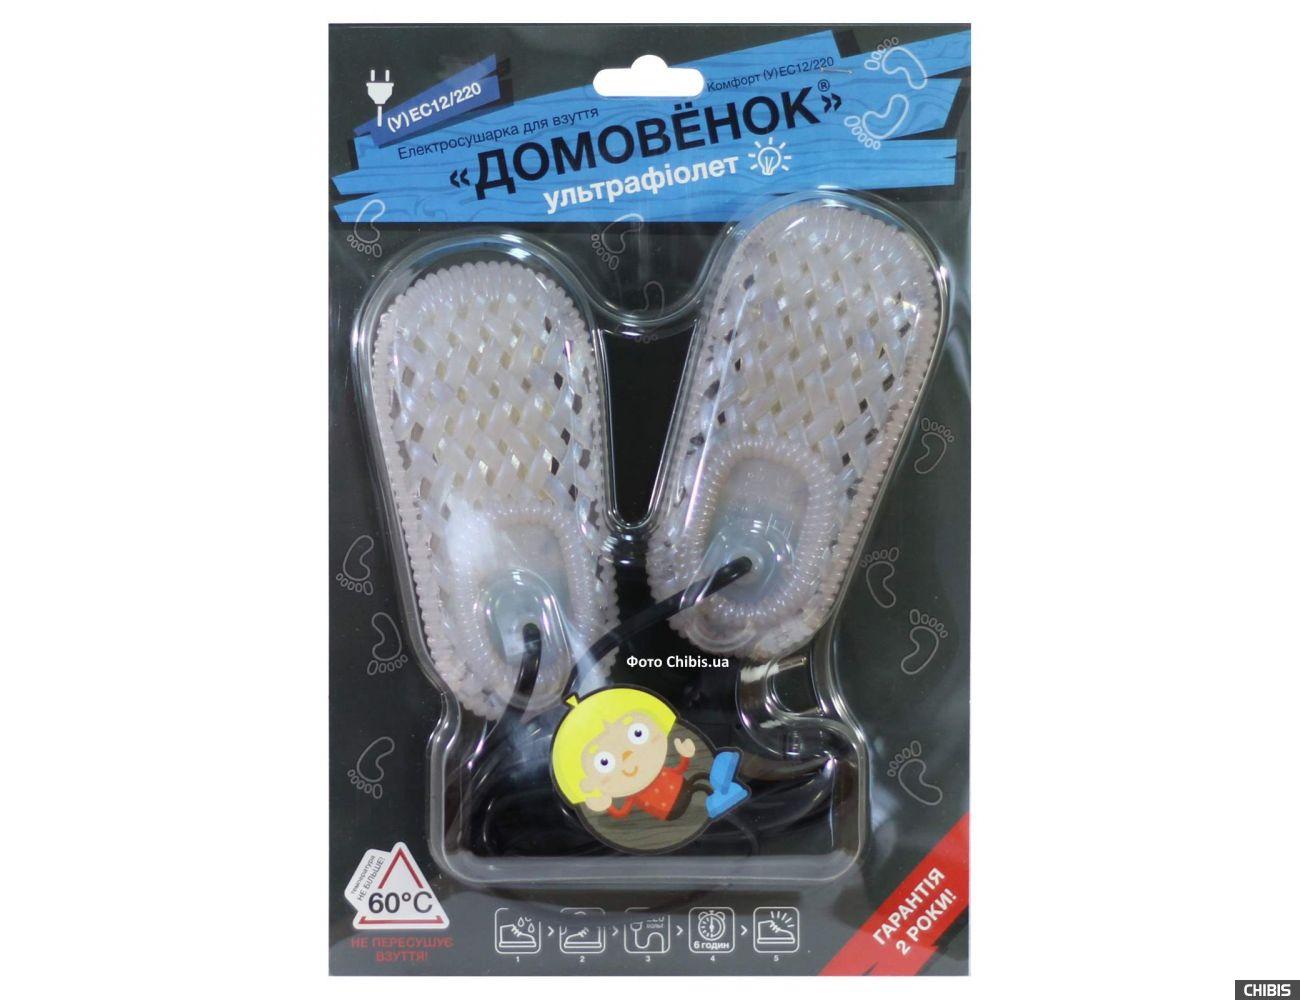 Сушилка для обуви с ультрафиолетом Домовёнок